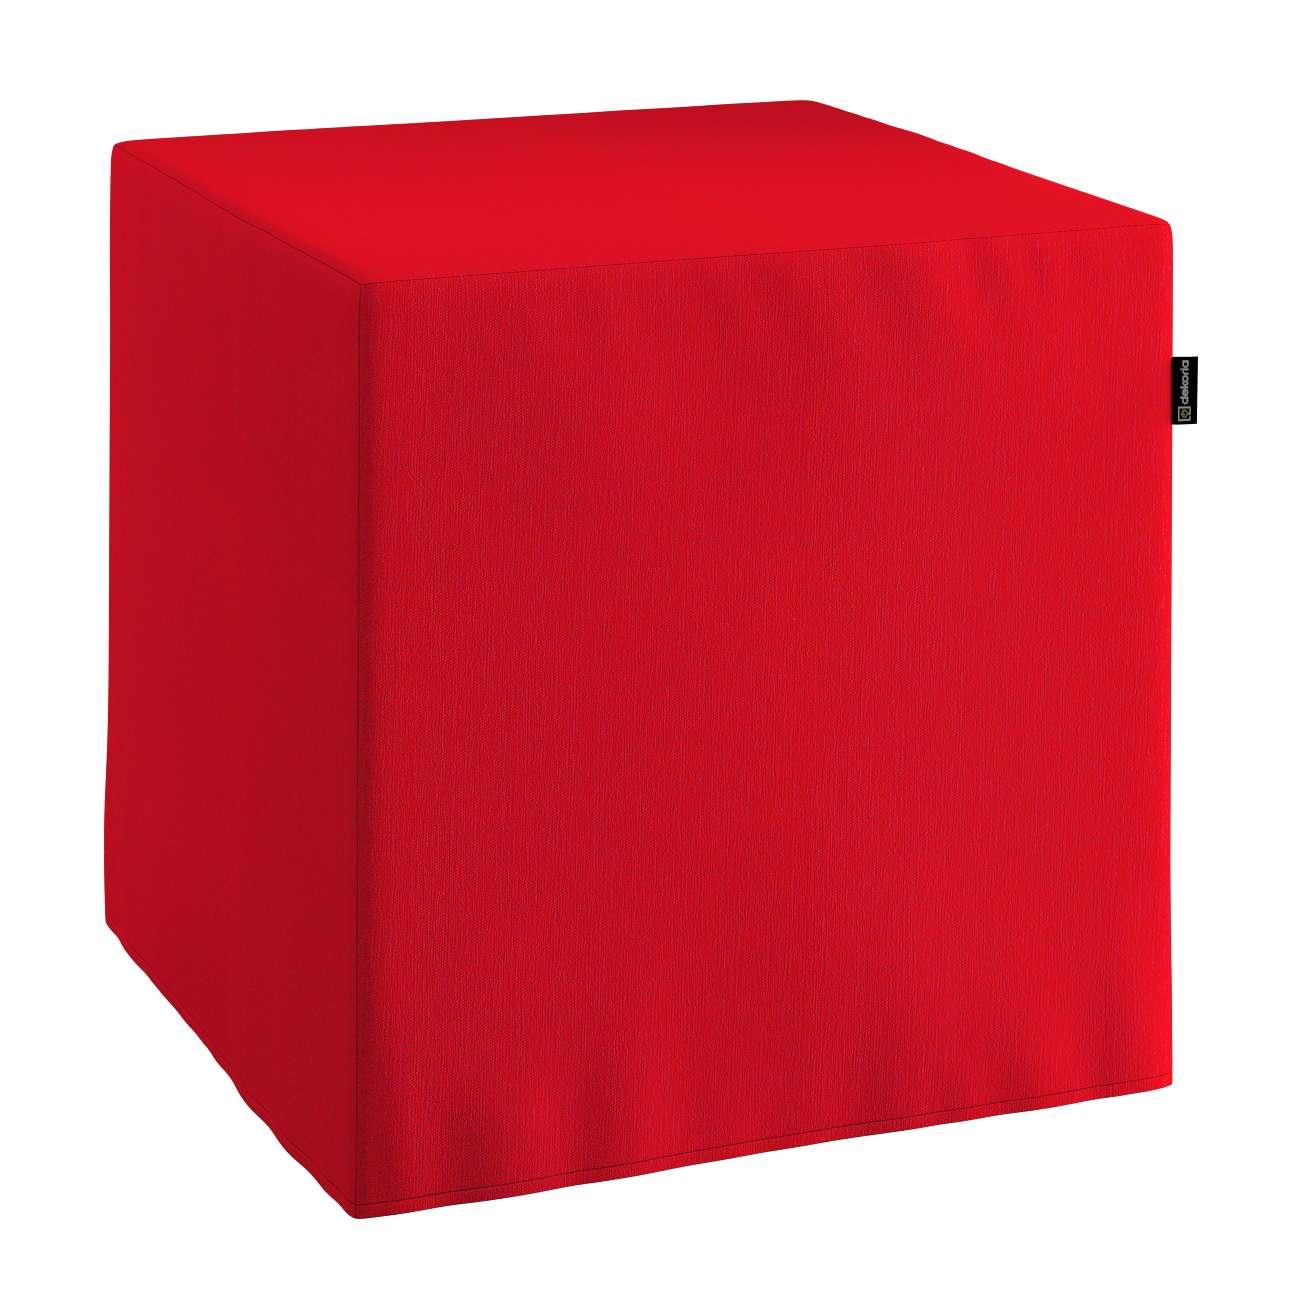 Pokrowiec na pufę kostke kostka 40x40x40 cm w kolekcji Chenille, tkanina: 702-24